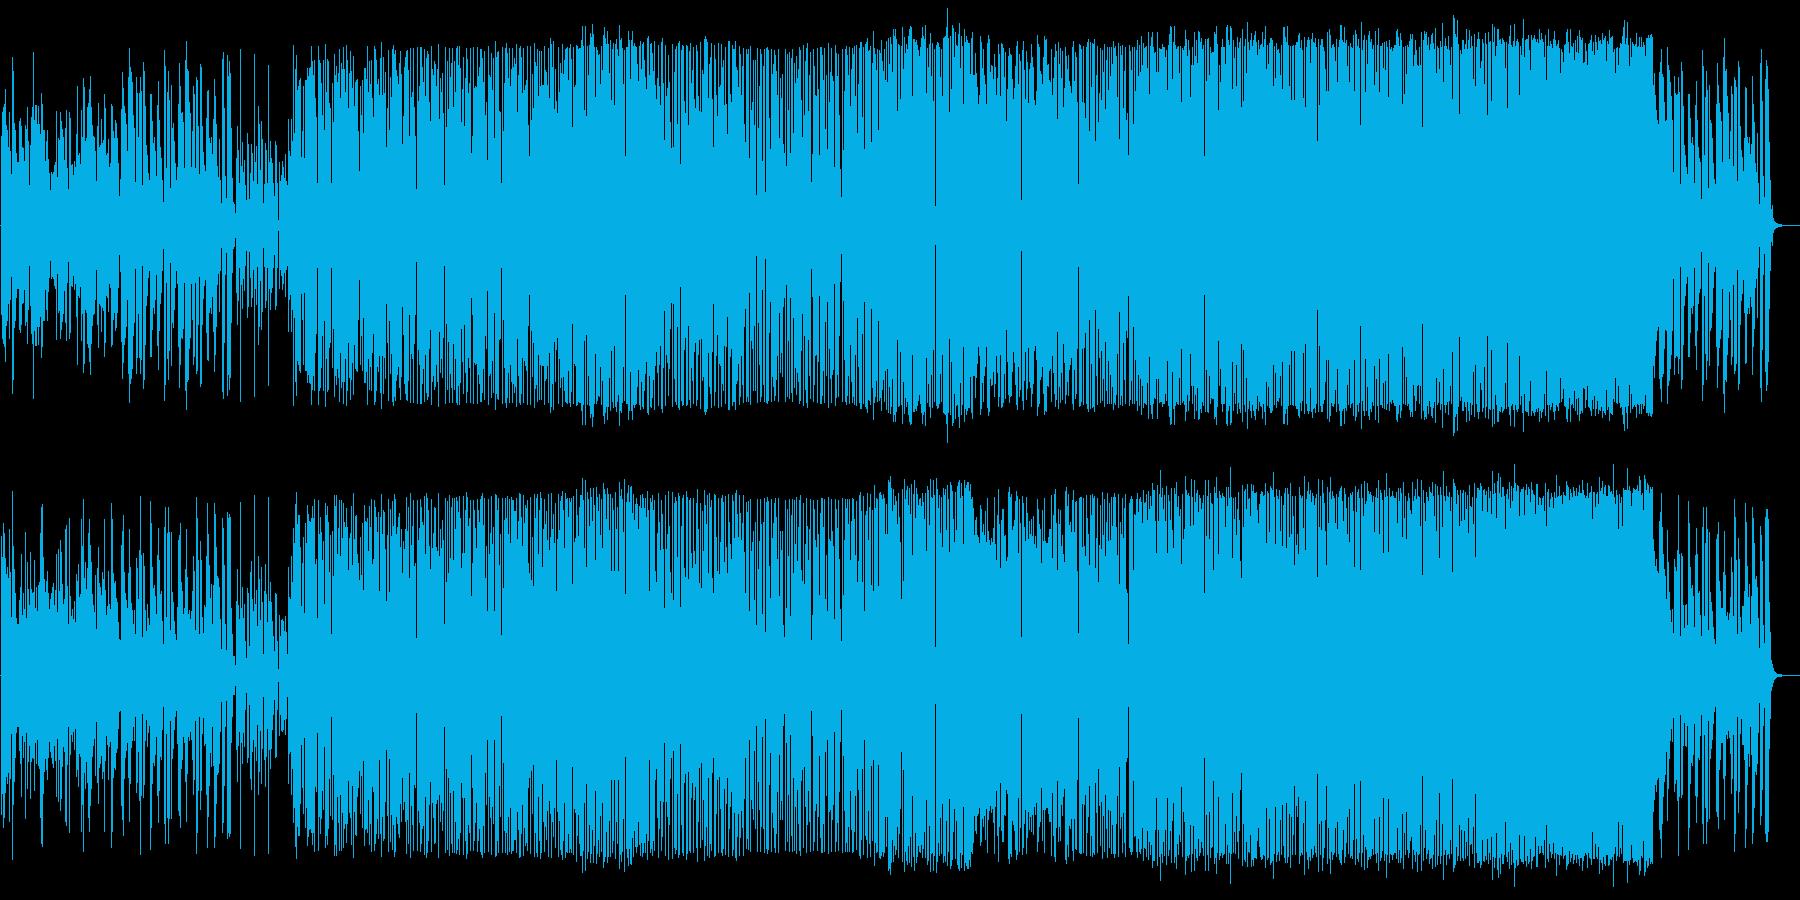 ファンキービートに乗せたアコギメイン楽曲の再生済みの波形